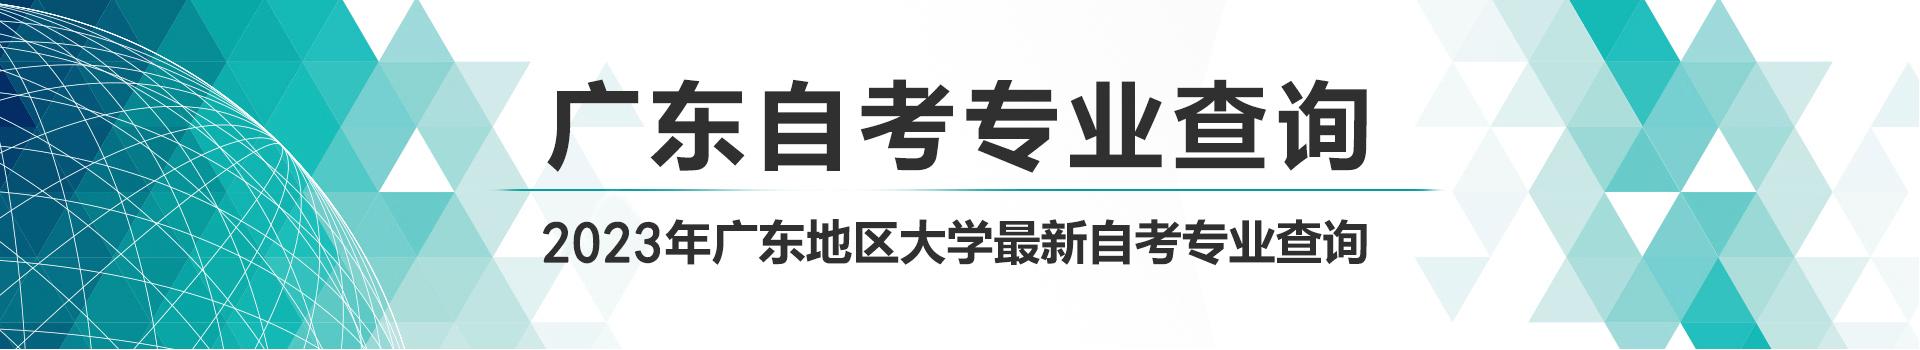 广东自考专业查询